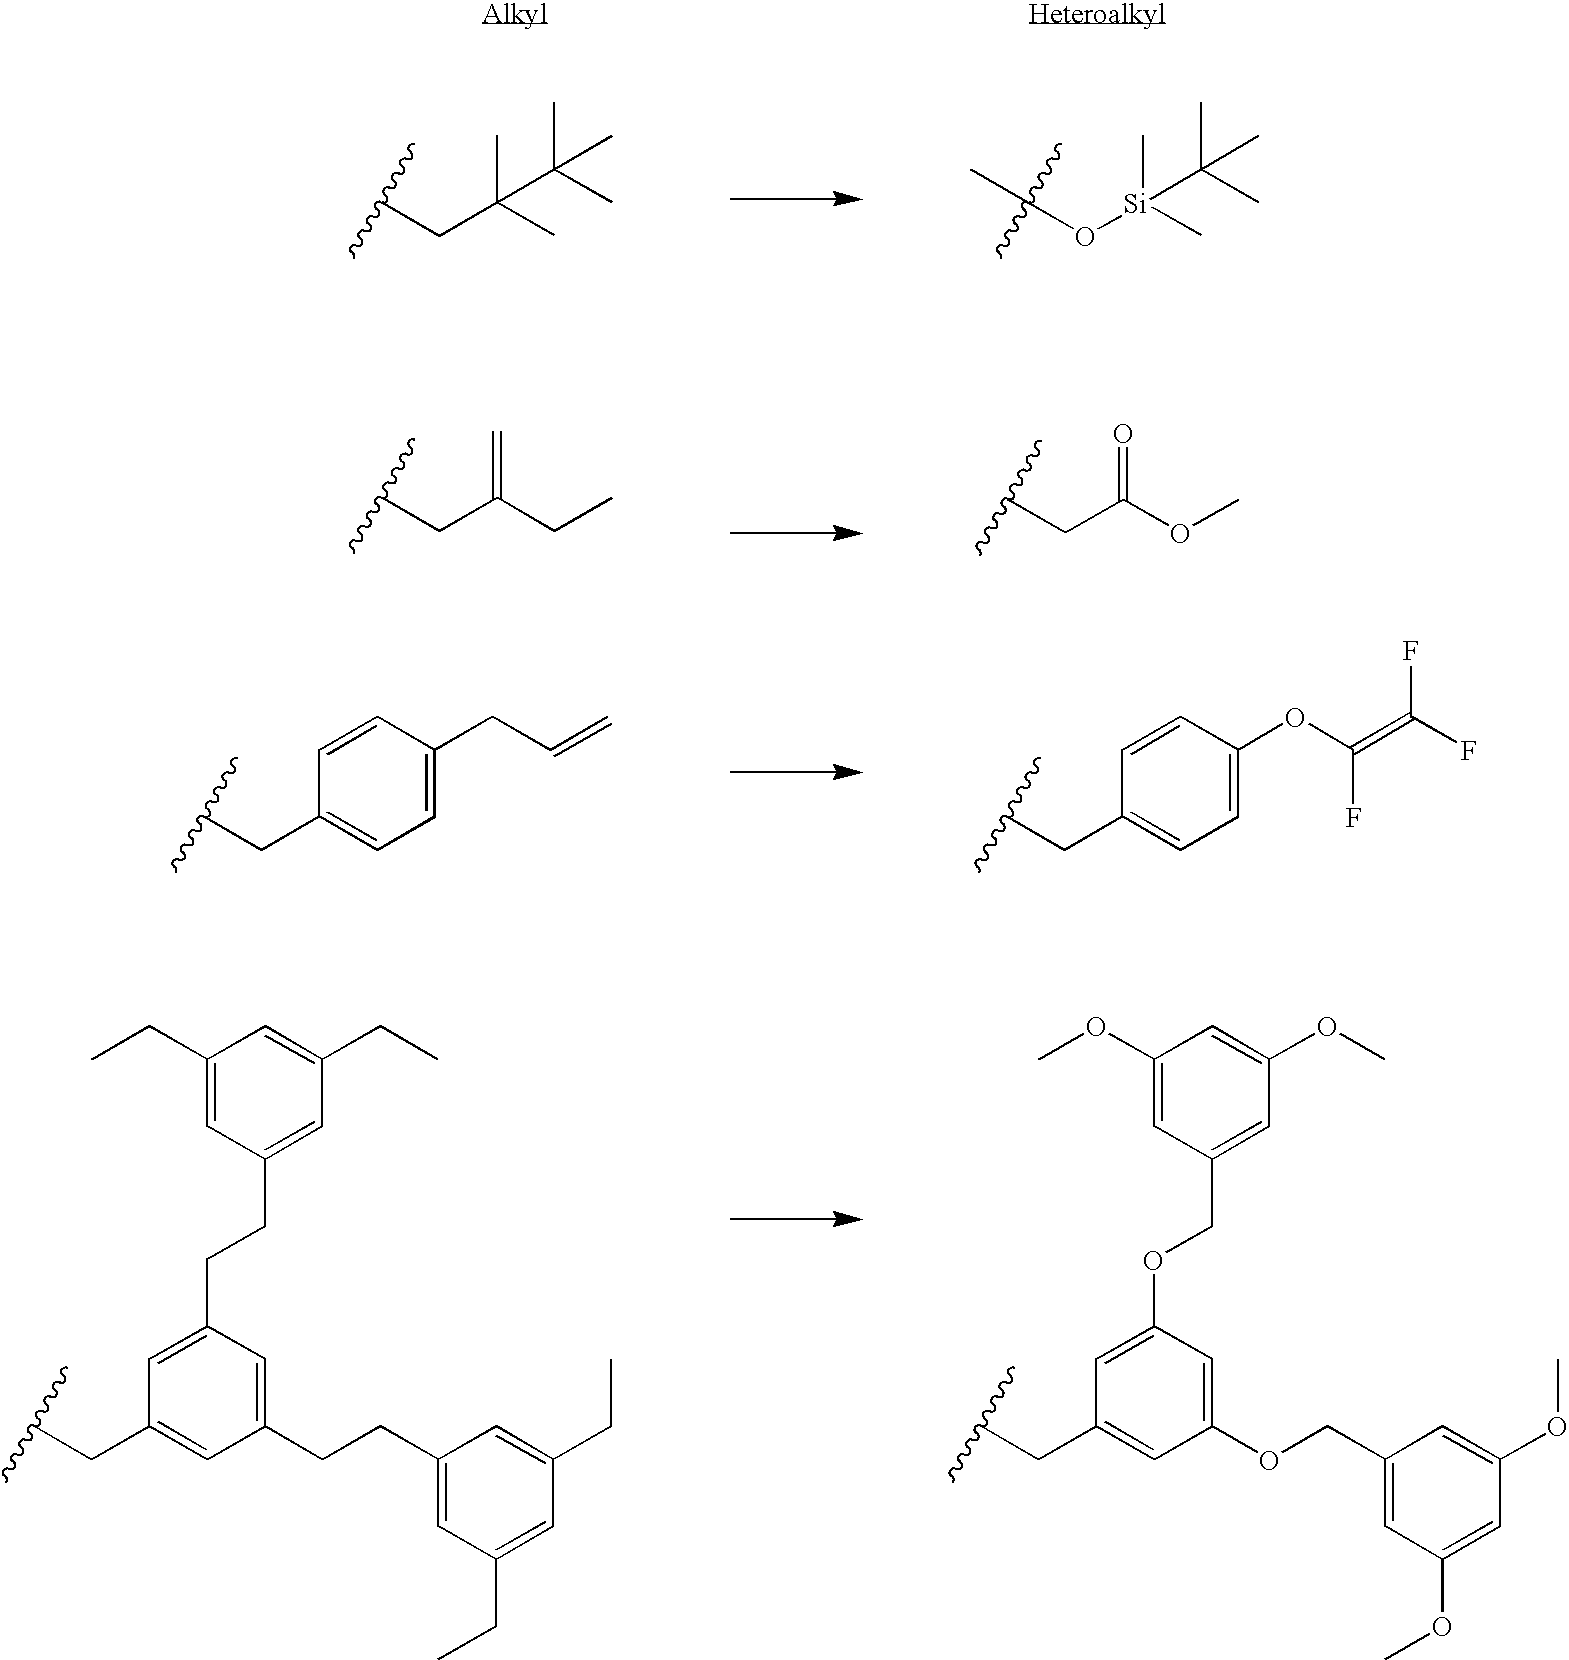 Figure US07601849-20091013-C00002